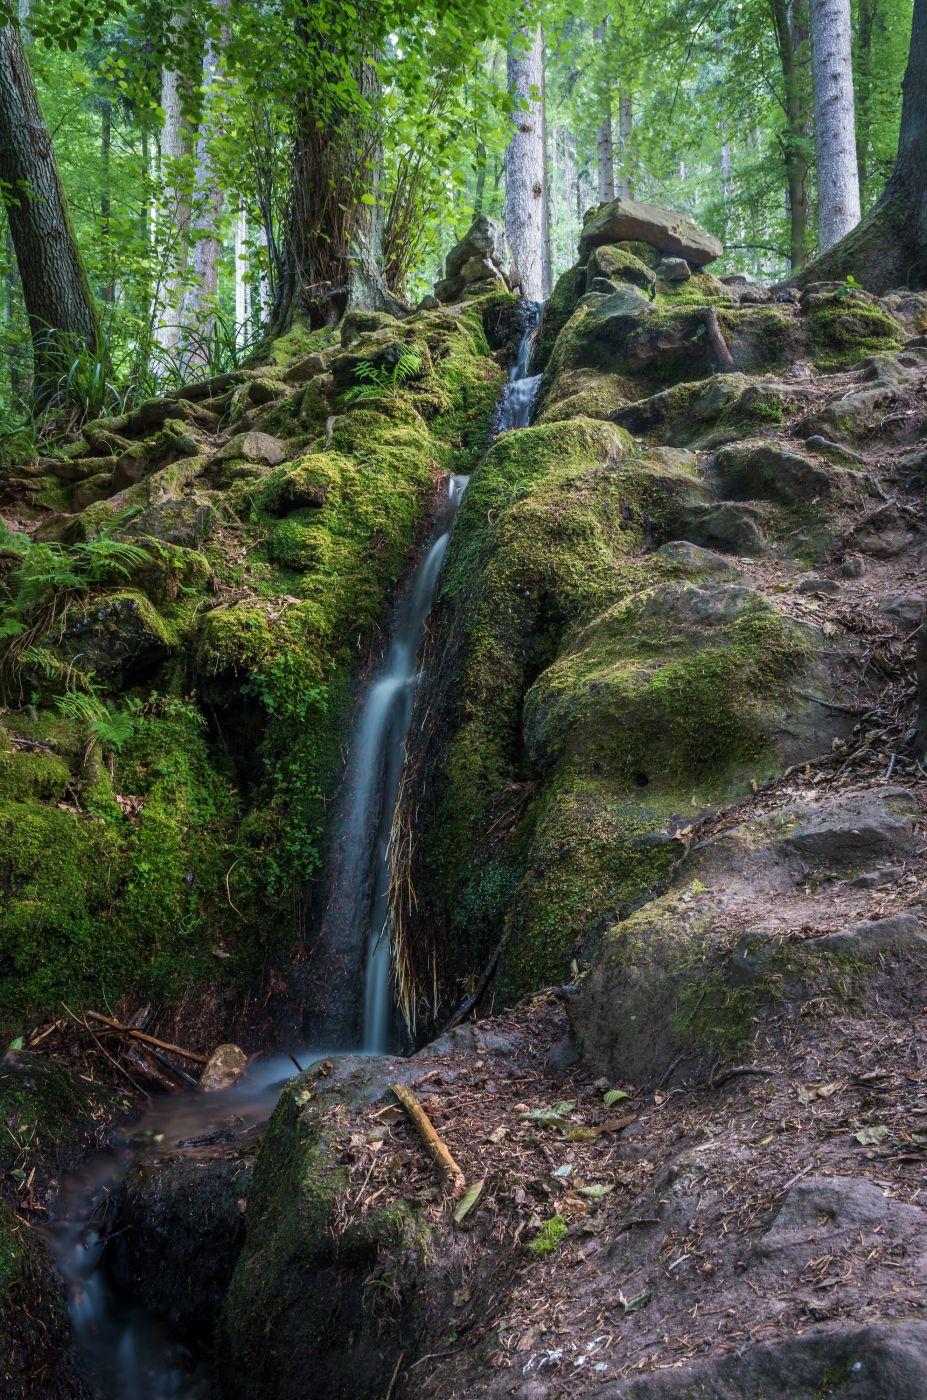 Wasserfall am Hilschweiher, Germany